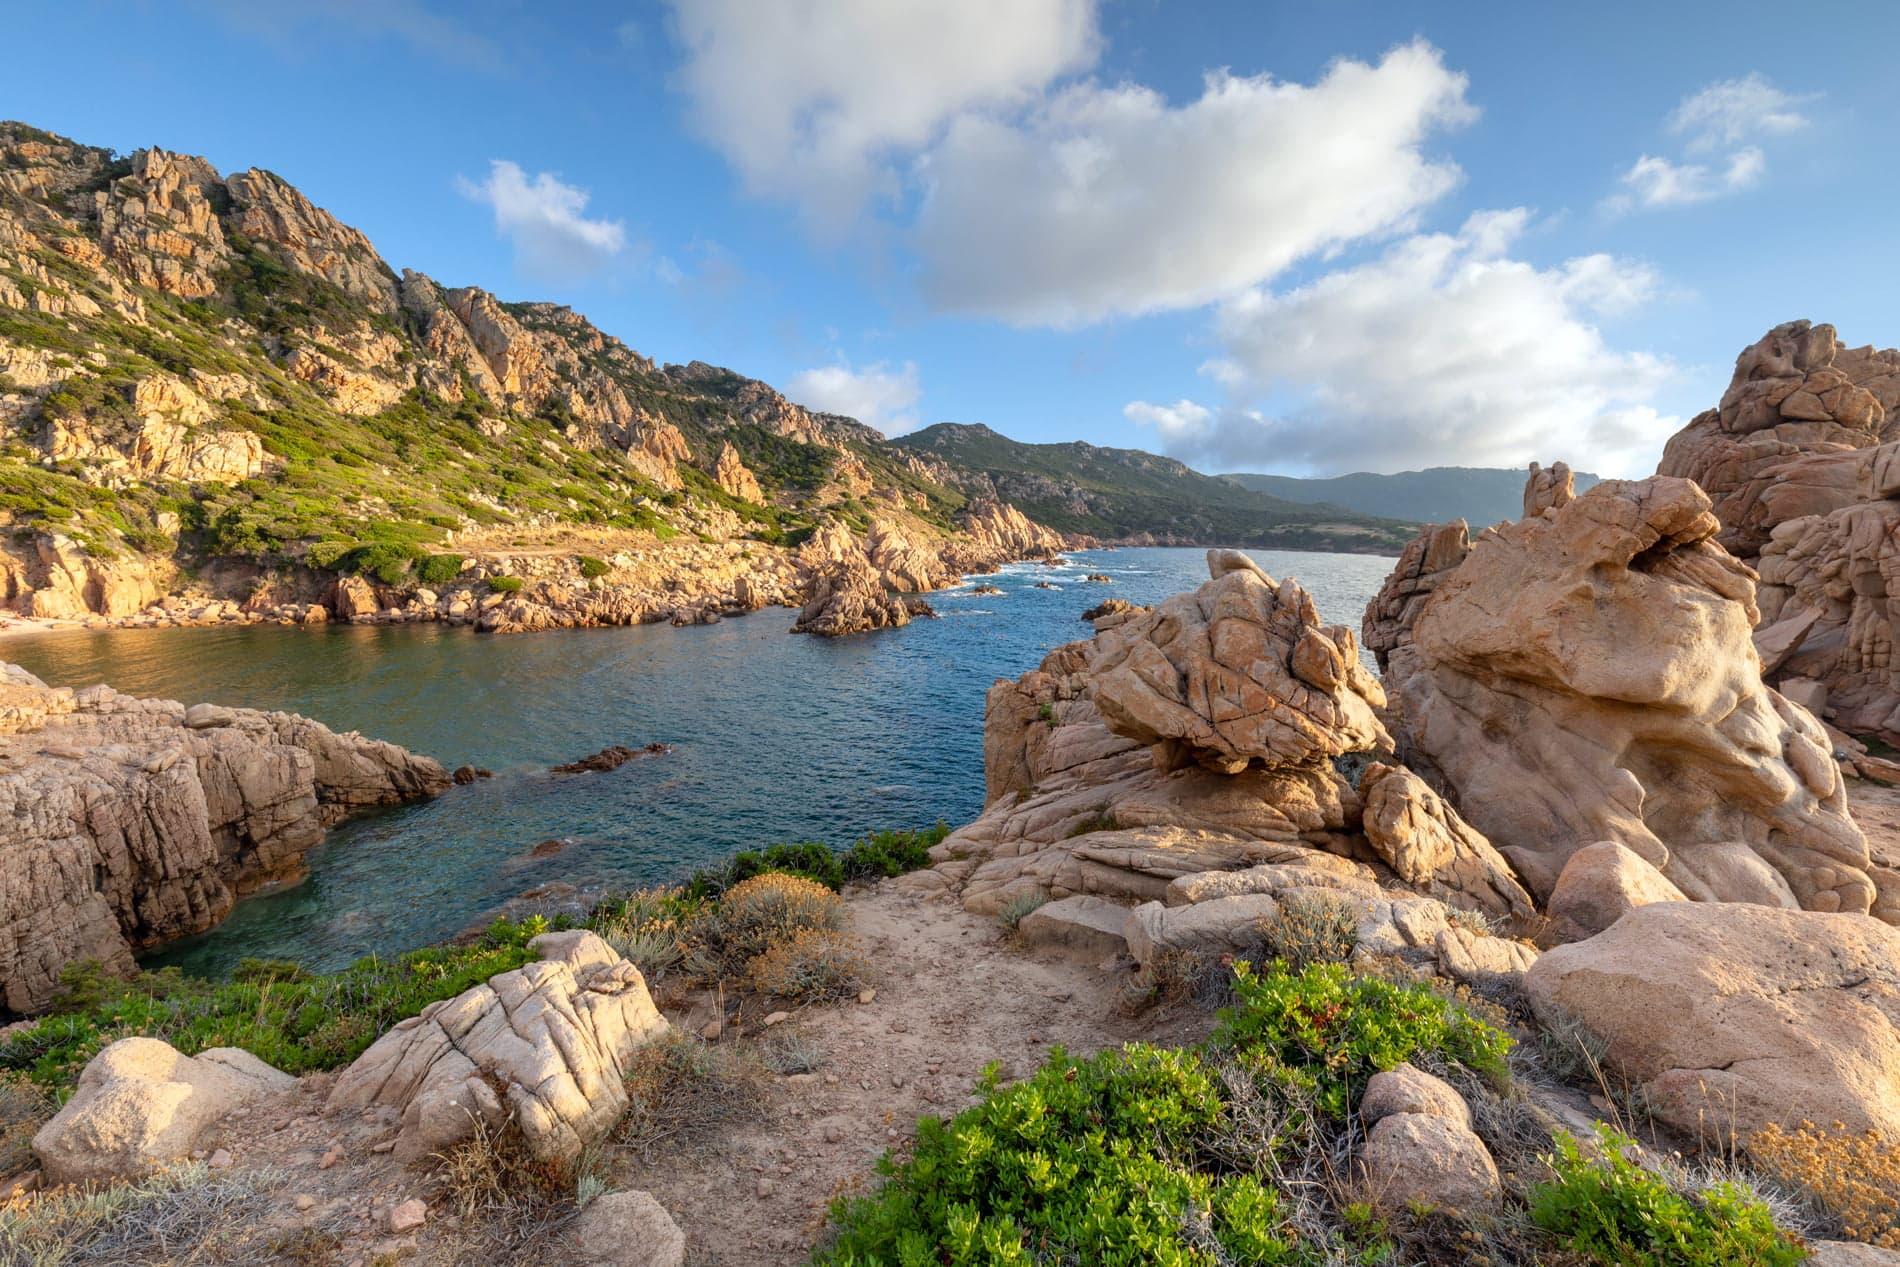 Costa Paradiso